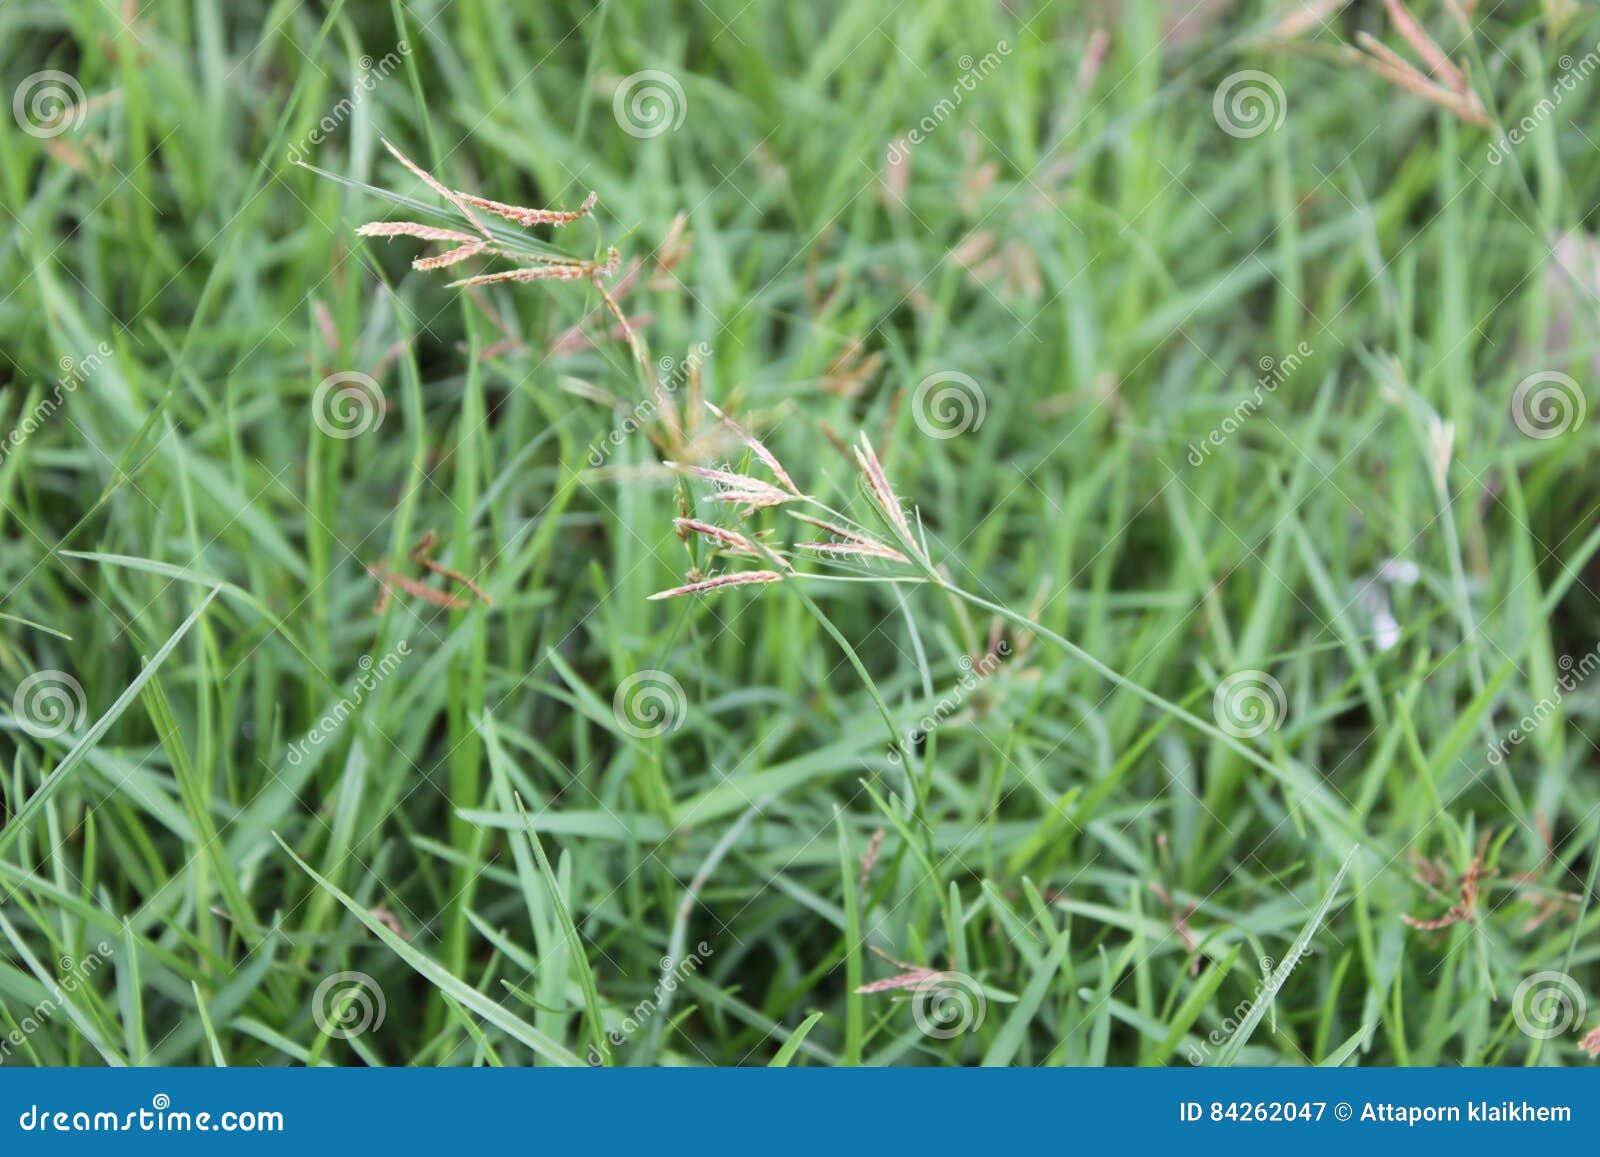 Grass of tree